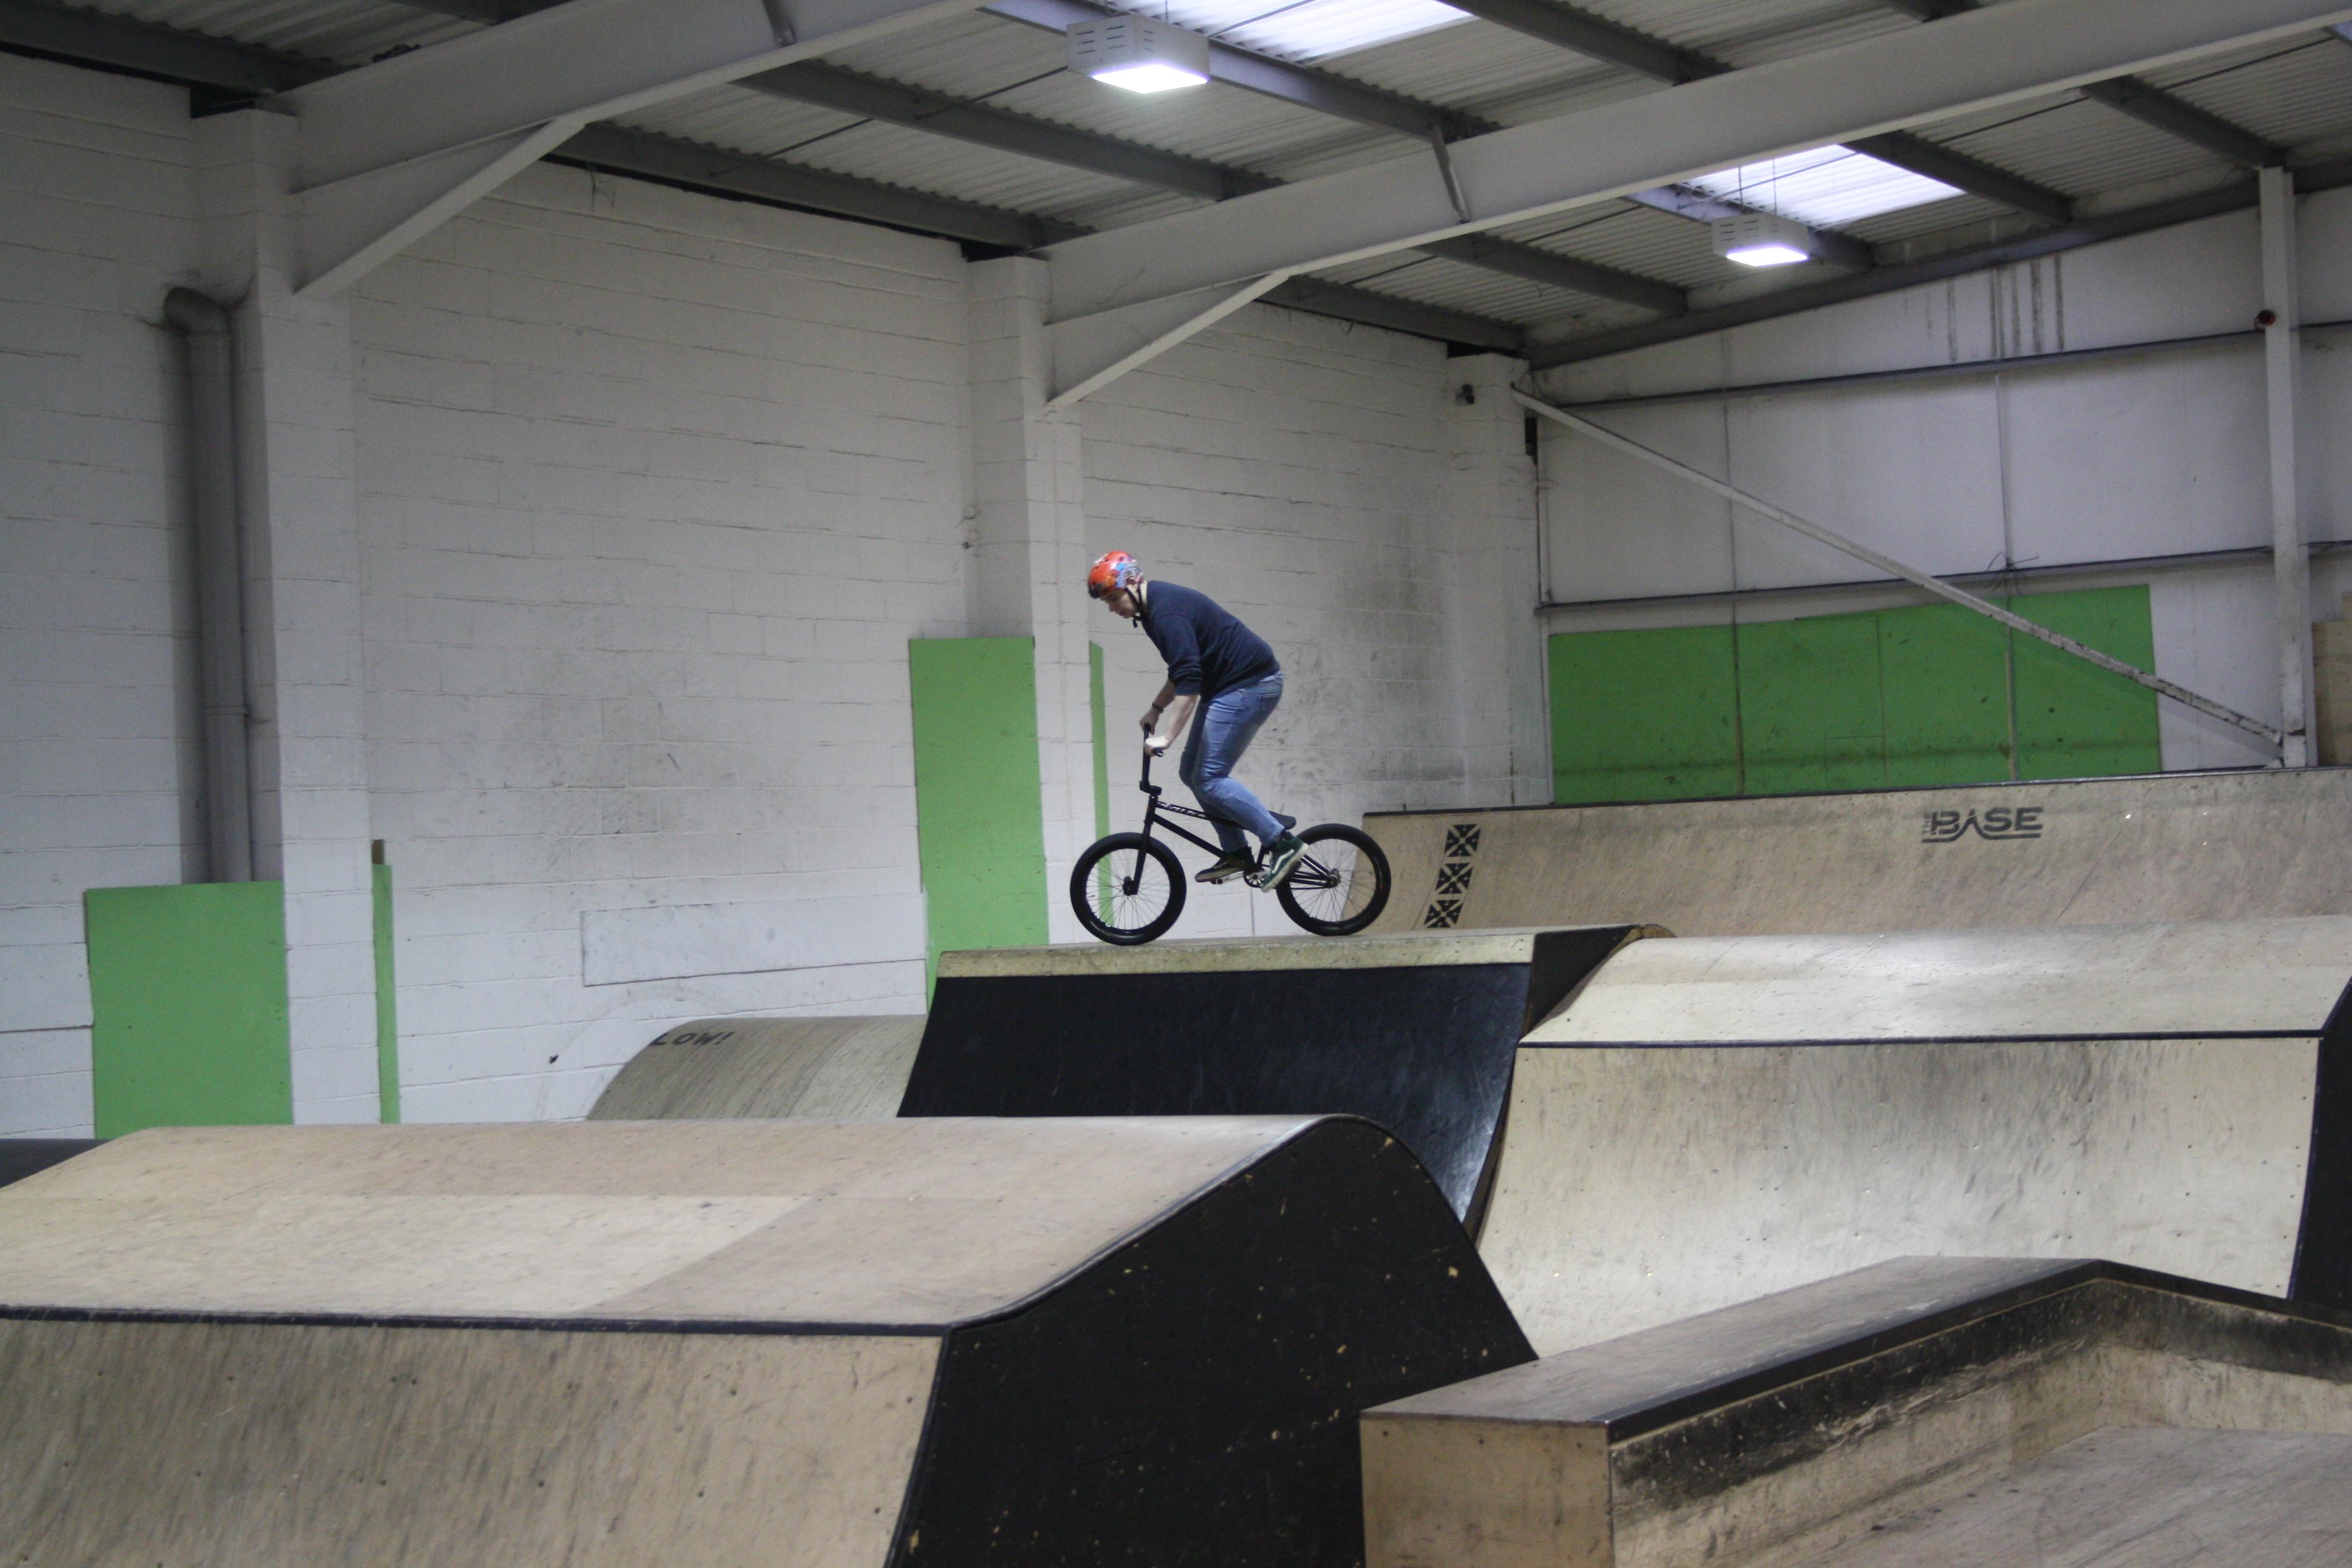 Southampton Solent students showcase their freestyle BMX skills